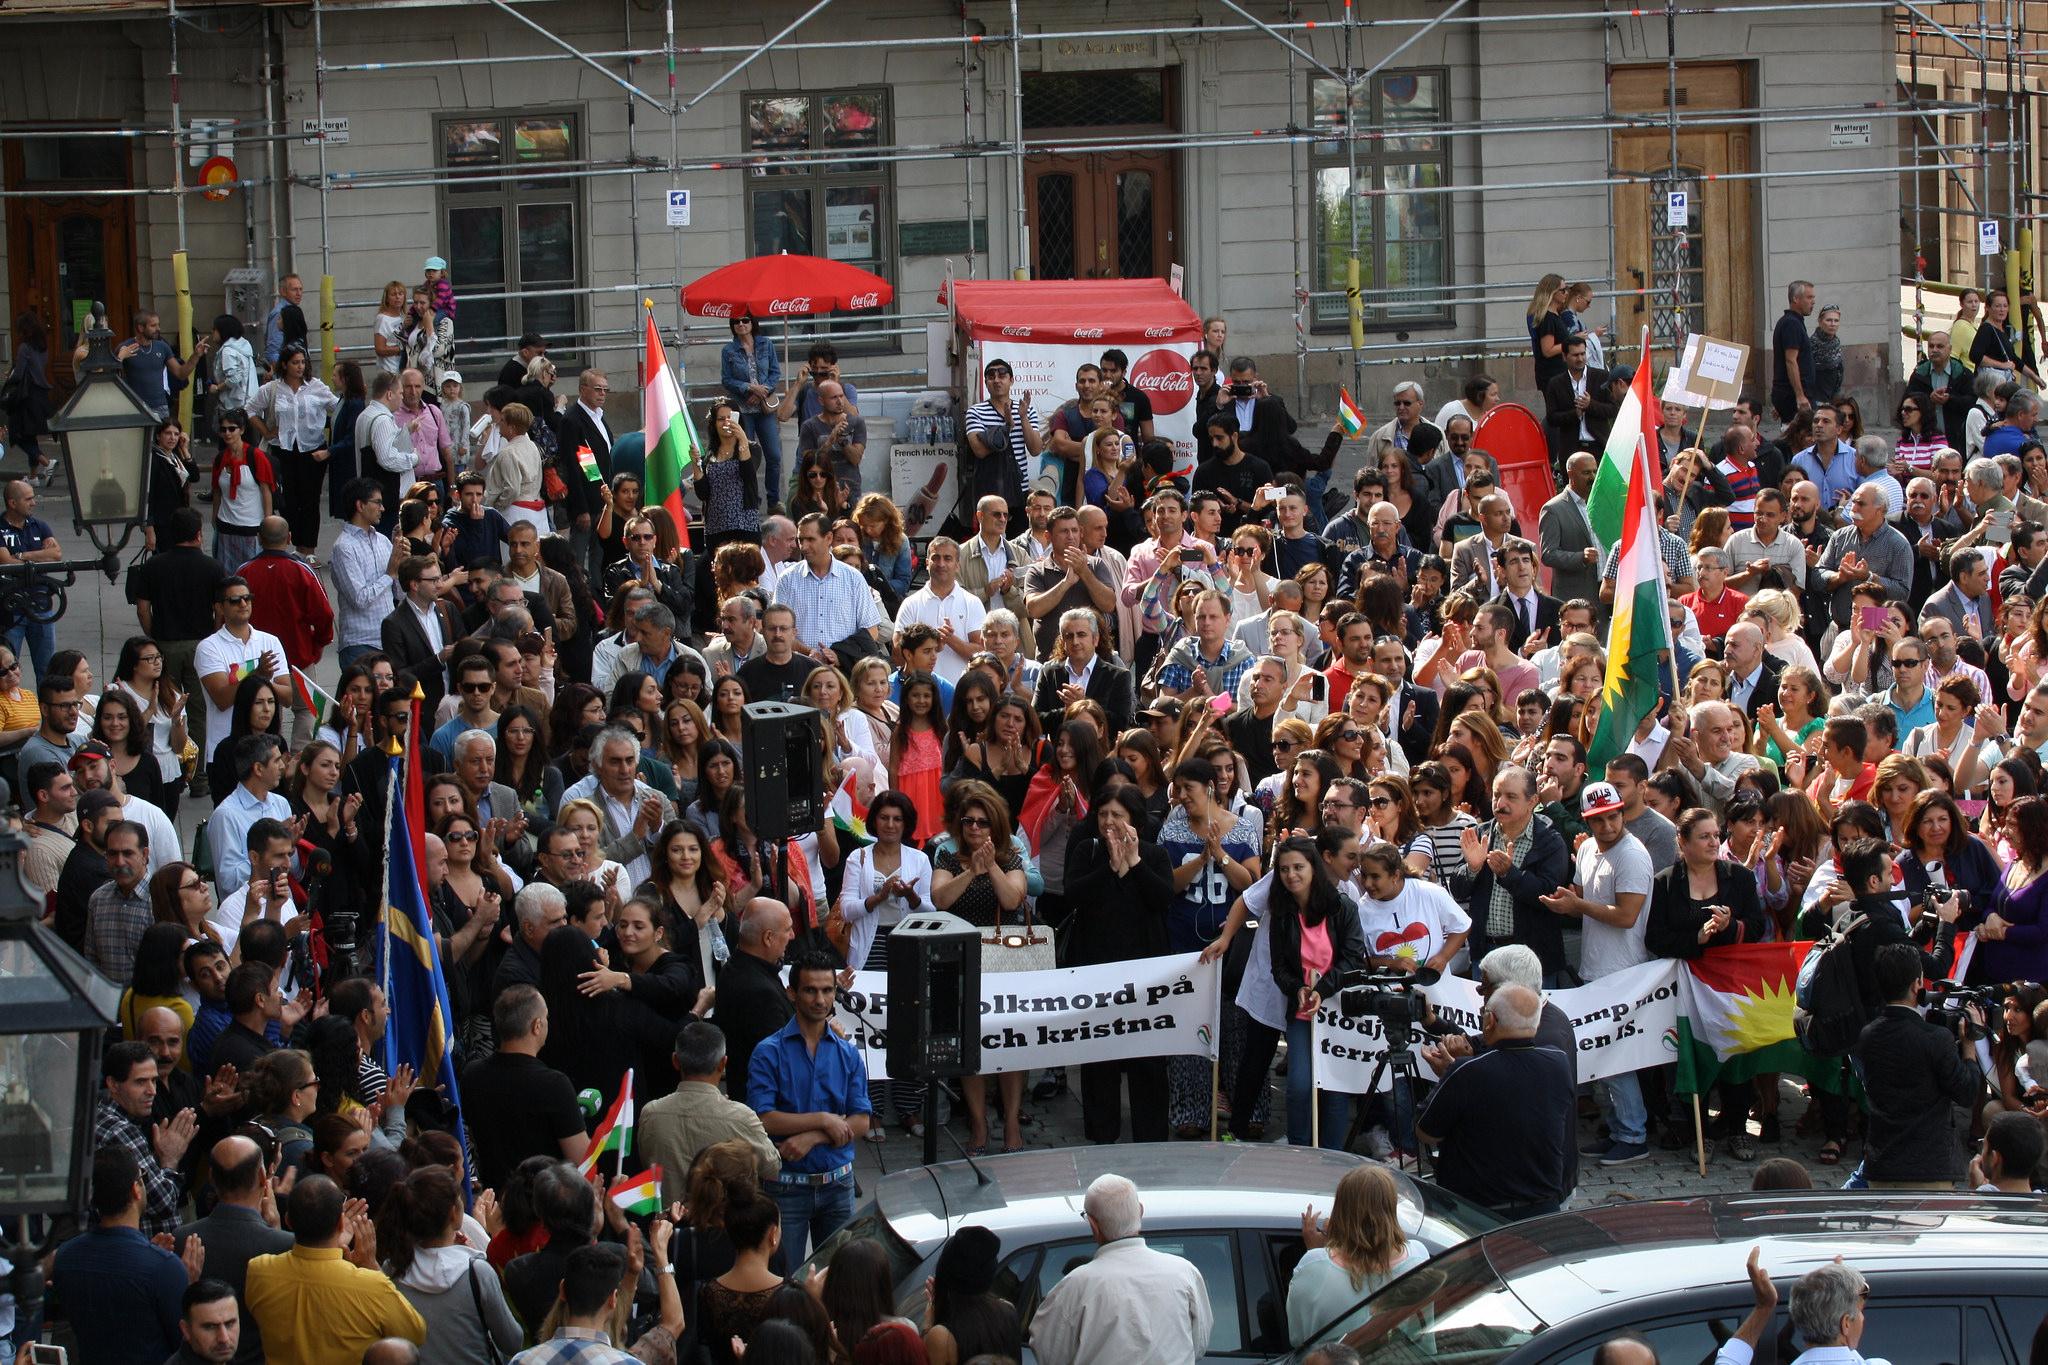 Manifestation à Stockholm (Suède), le 17 août 2014. Crédit Stefan Olsson / Flickr (CC BY 2.0)